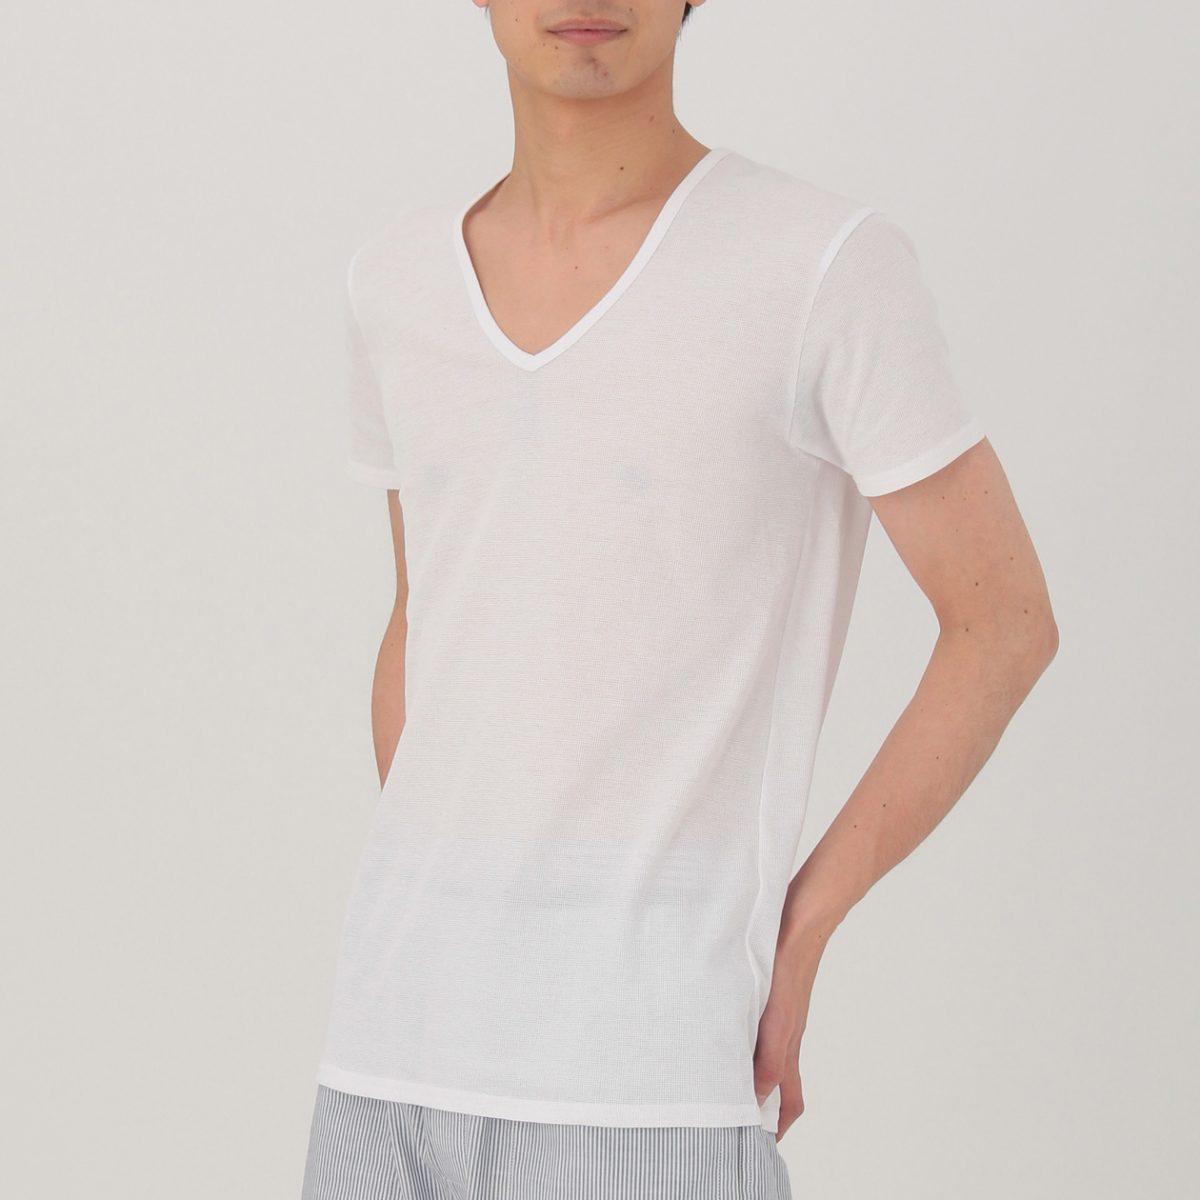 無印良品 さらっとした 涼感メッシュ編みVネック半袖Tシャツ